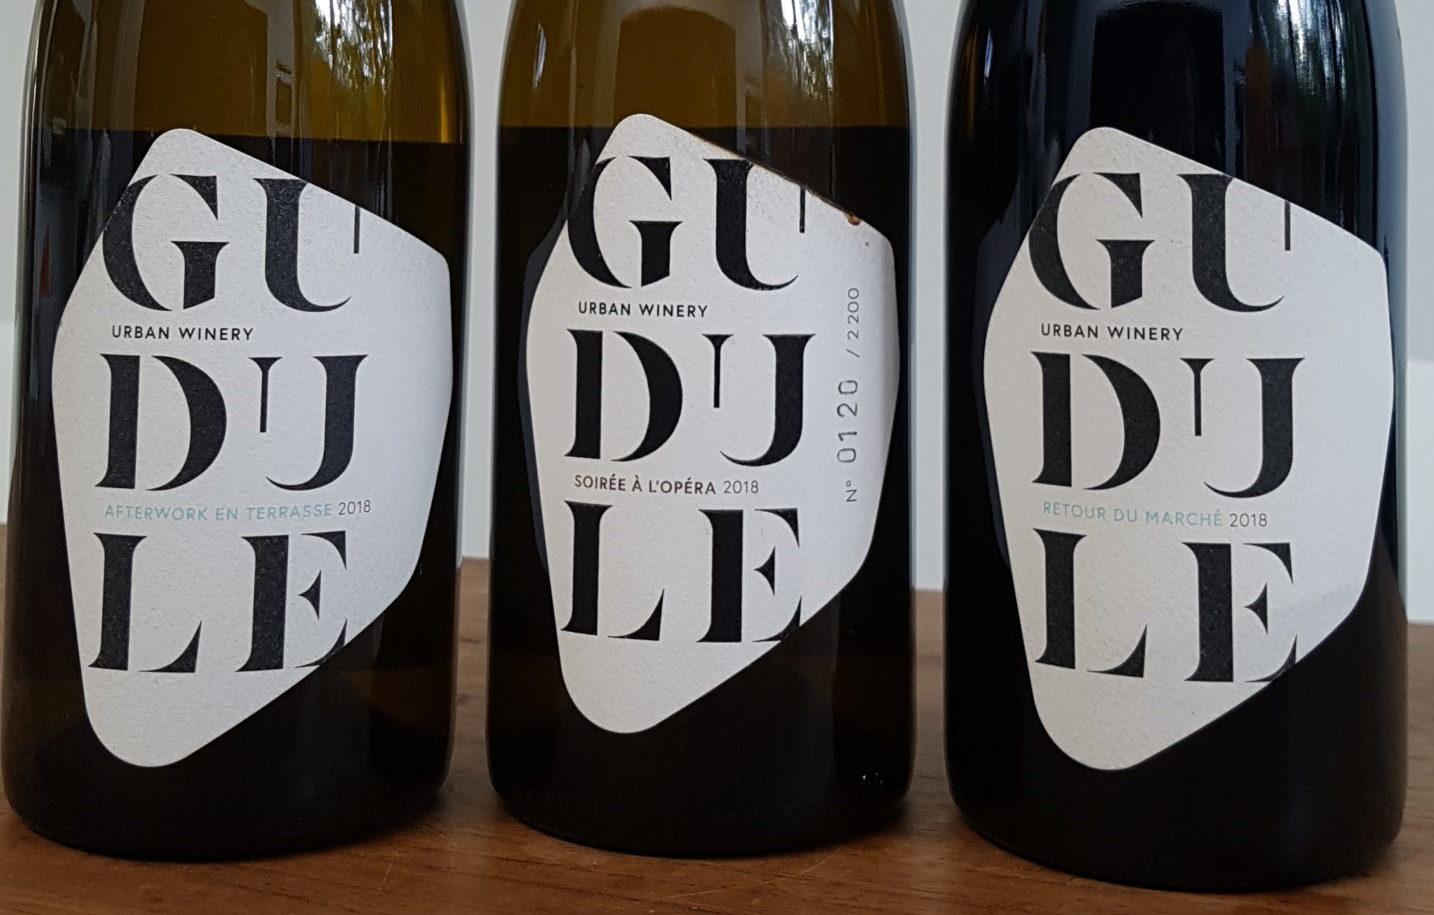 Urban Winery vinifie ses vins bio à Bruxelles